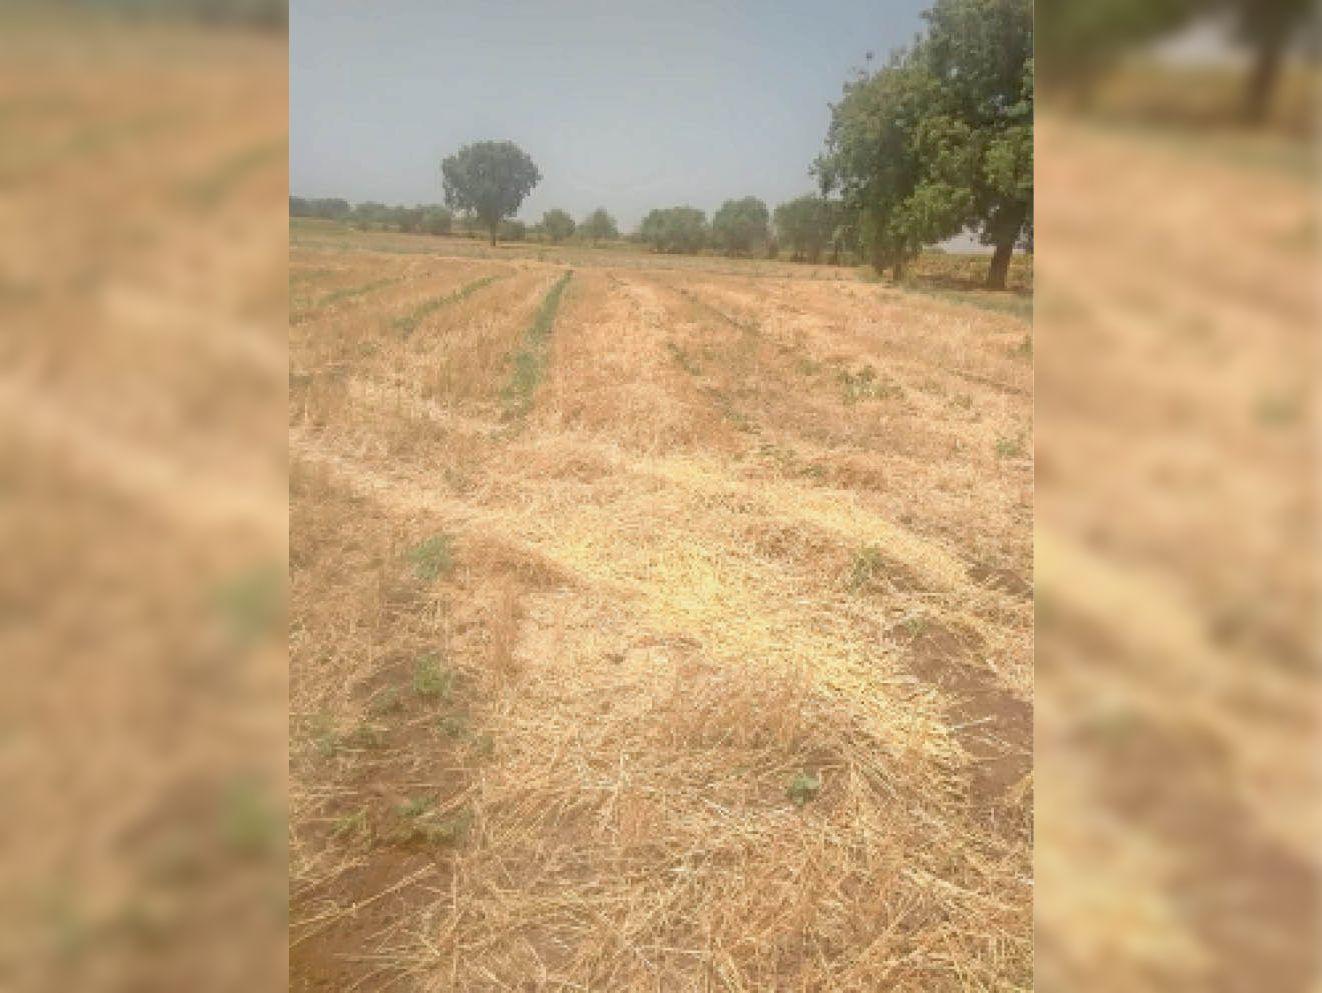 हार्वेस्टर से गेहूं की कटाई, नहीं निकला भूसा, इंदौर से 300 रु. ज्यादा देकर बुला रहे|महेश्वर,Maheshwar - Dainik Bhaskar